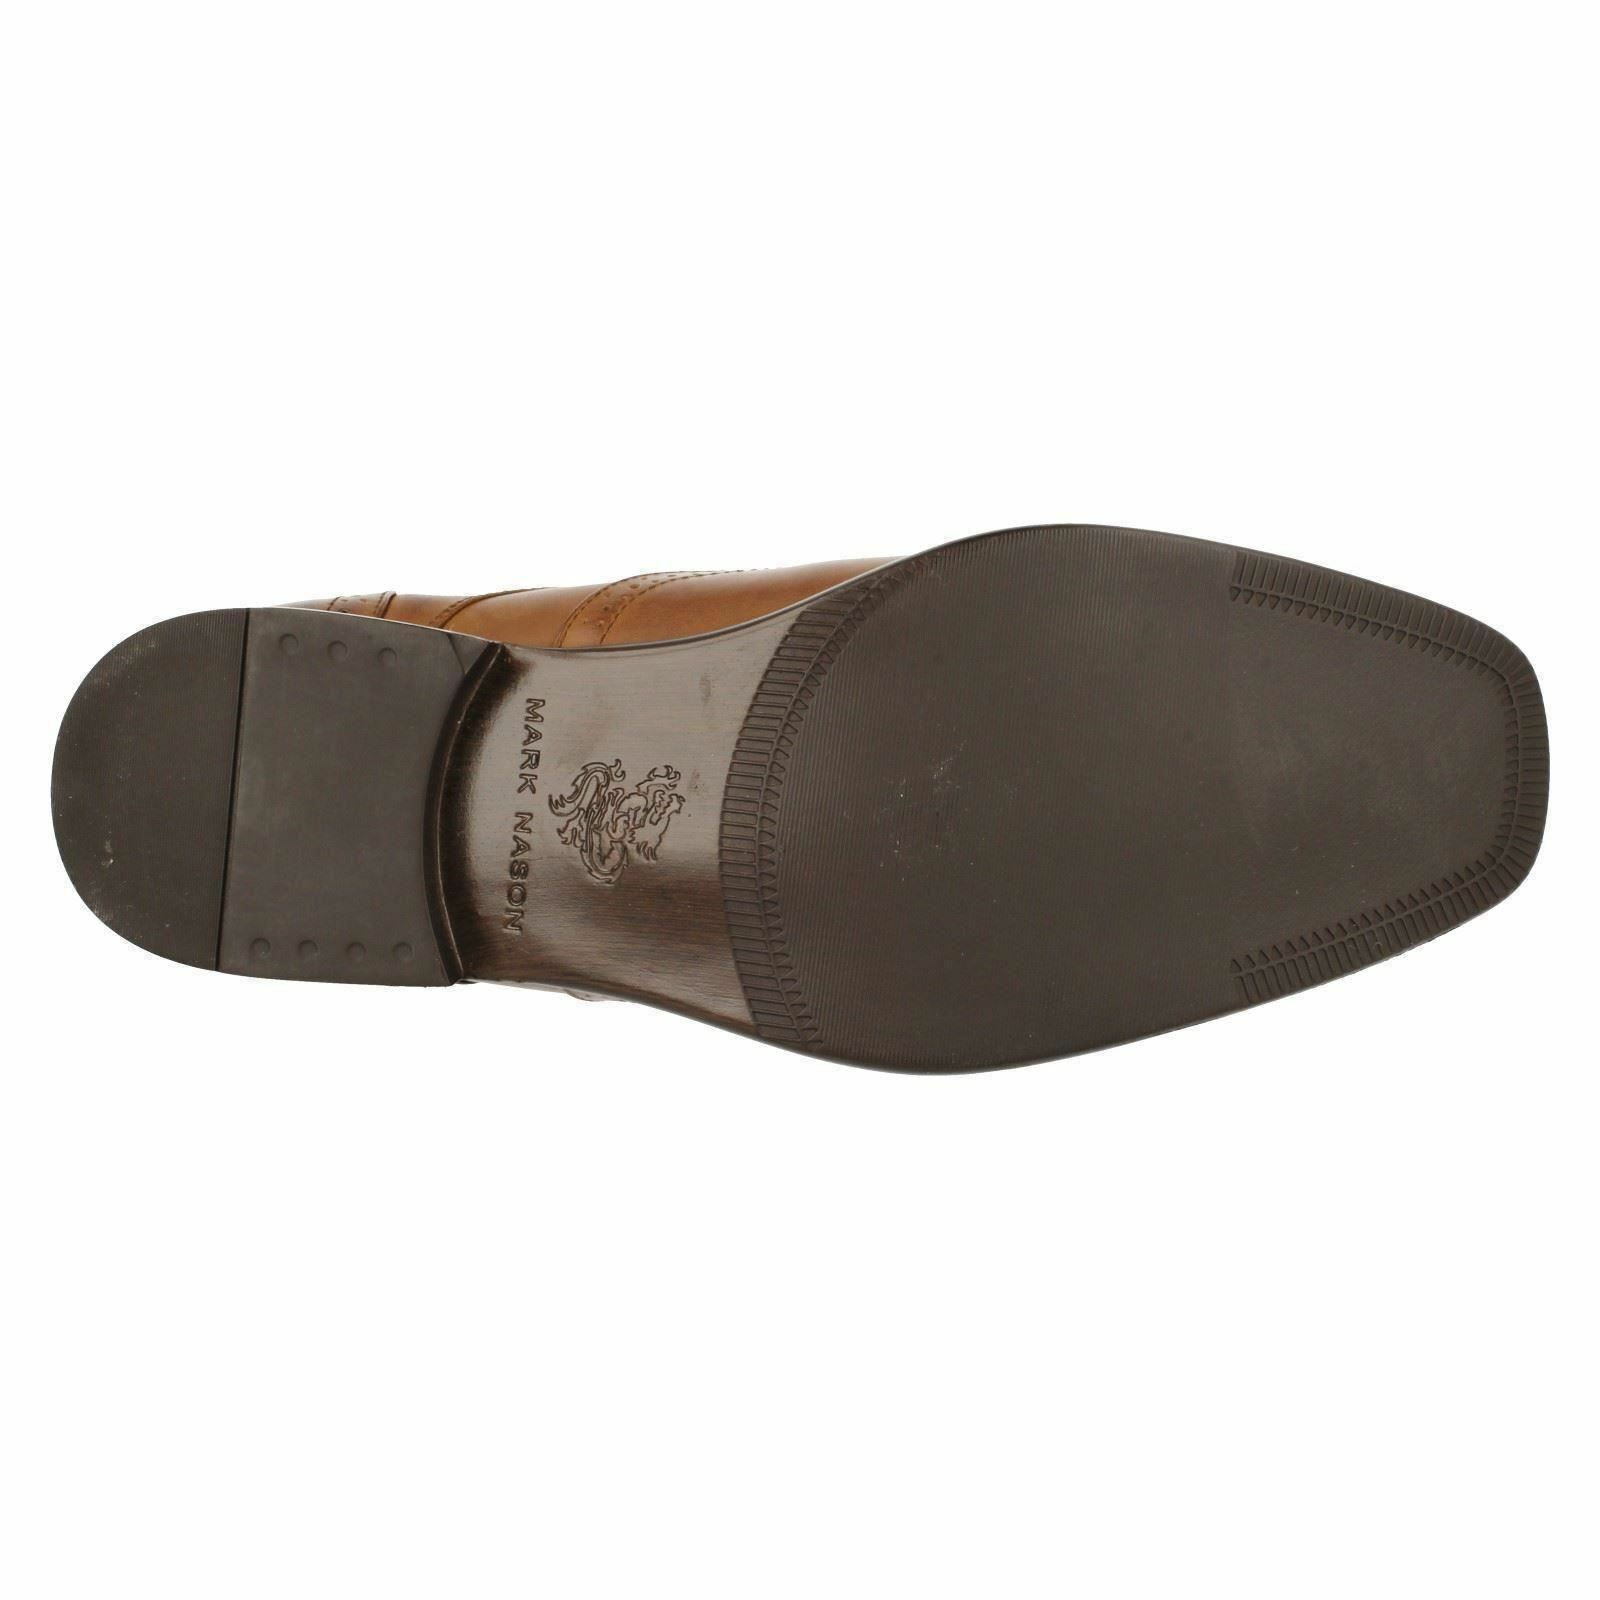 's Mark Nason Memory Foam richelieu à chaussures-eventide       Outlet    Le Moins Cher    Ont Longtemps Joui D'une Grande Renommée    Belle Qualité    Mende  f6666c